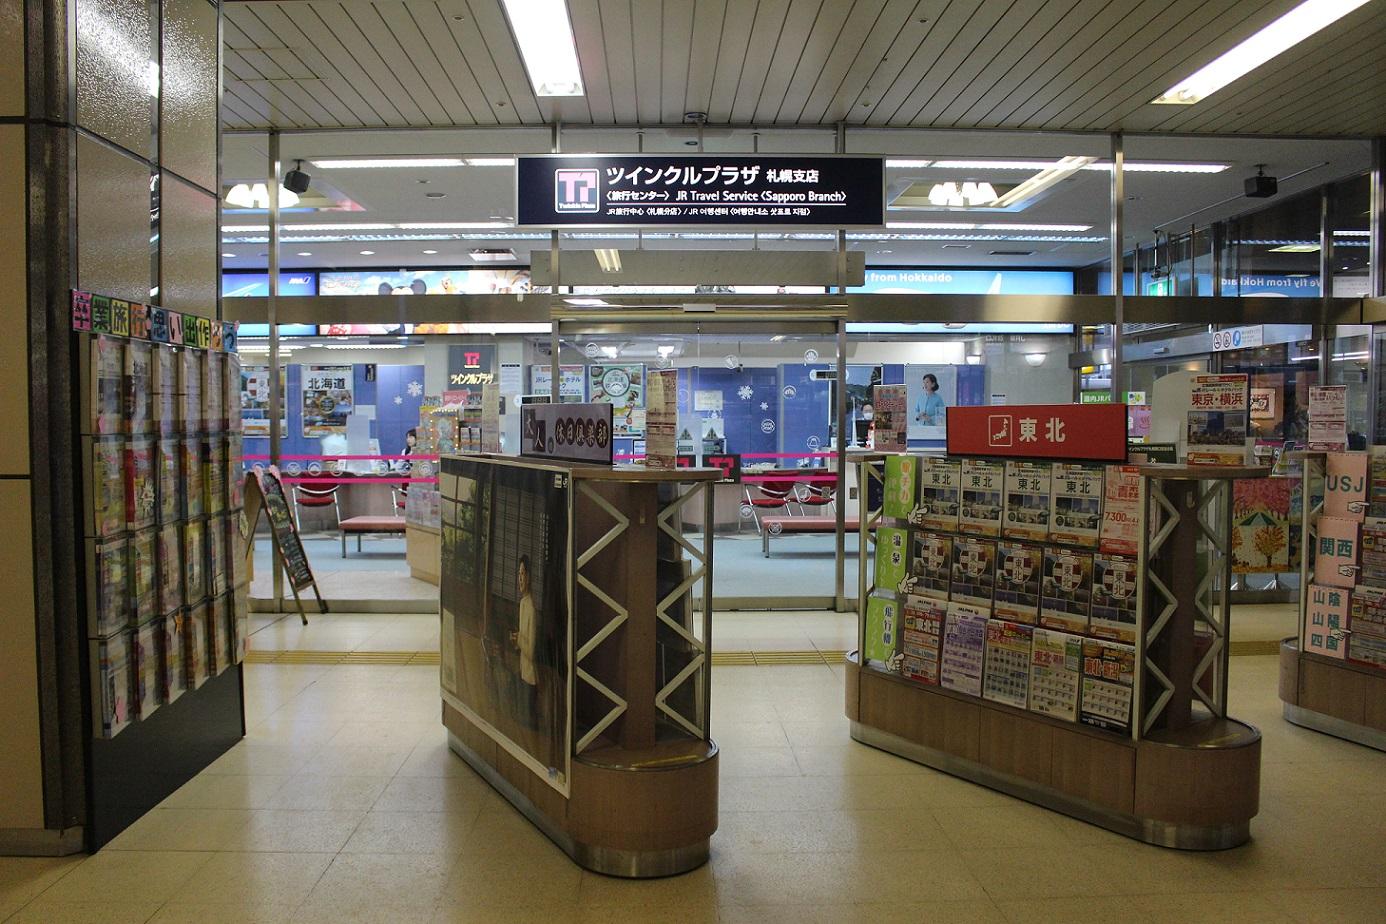 札幌地区駅n03(ツインクルプラザ)